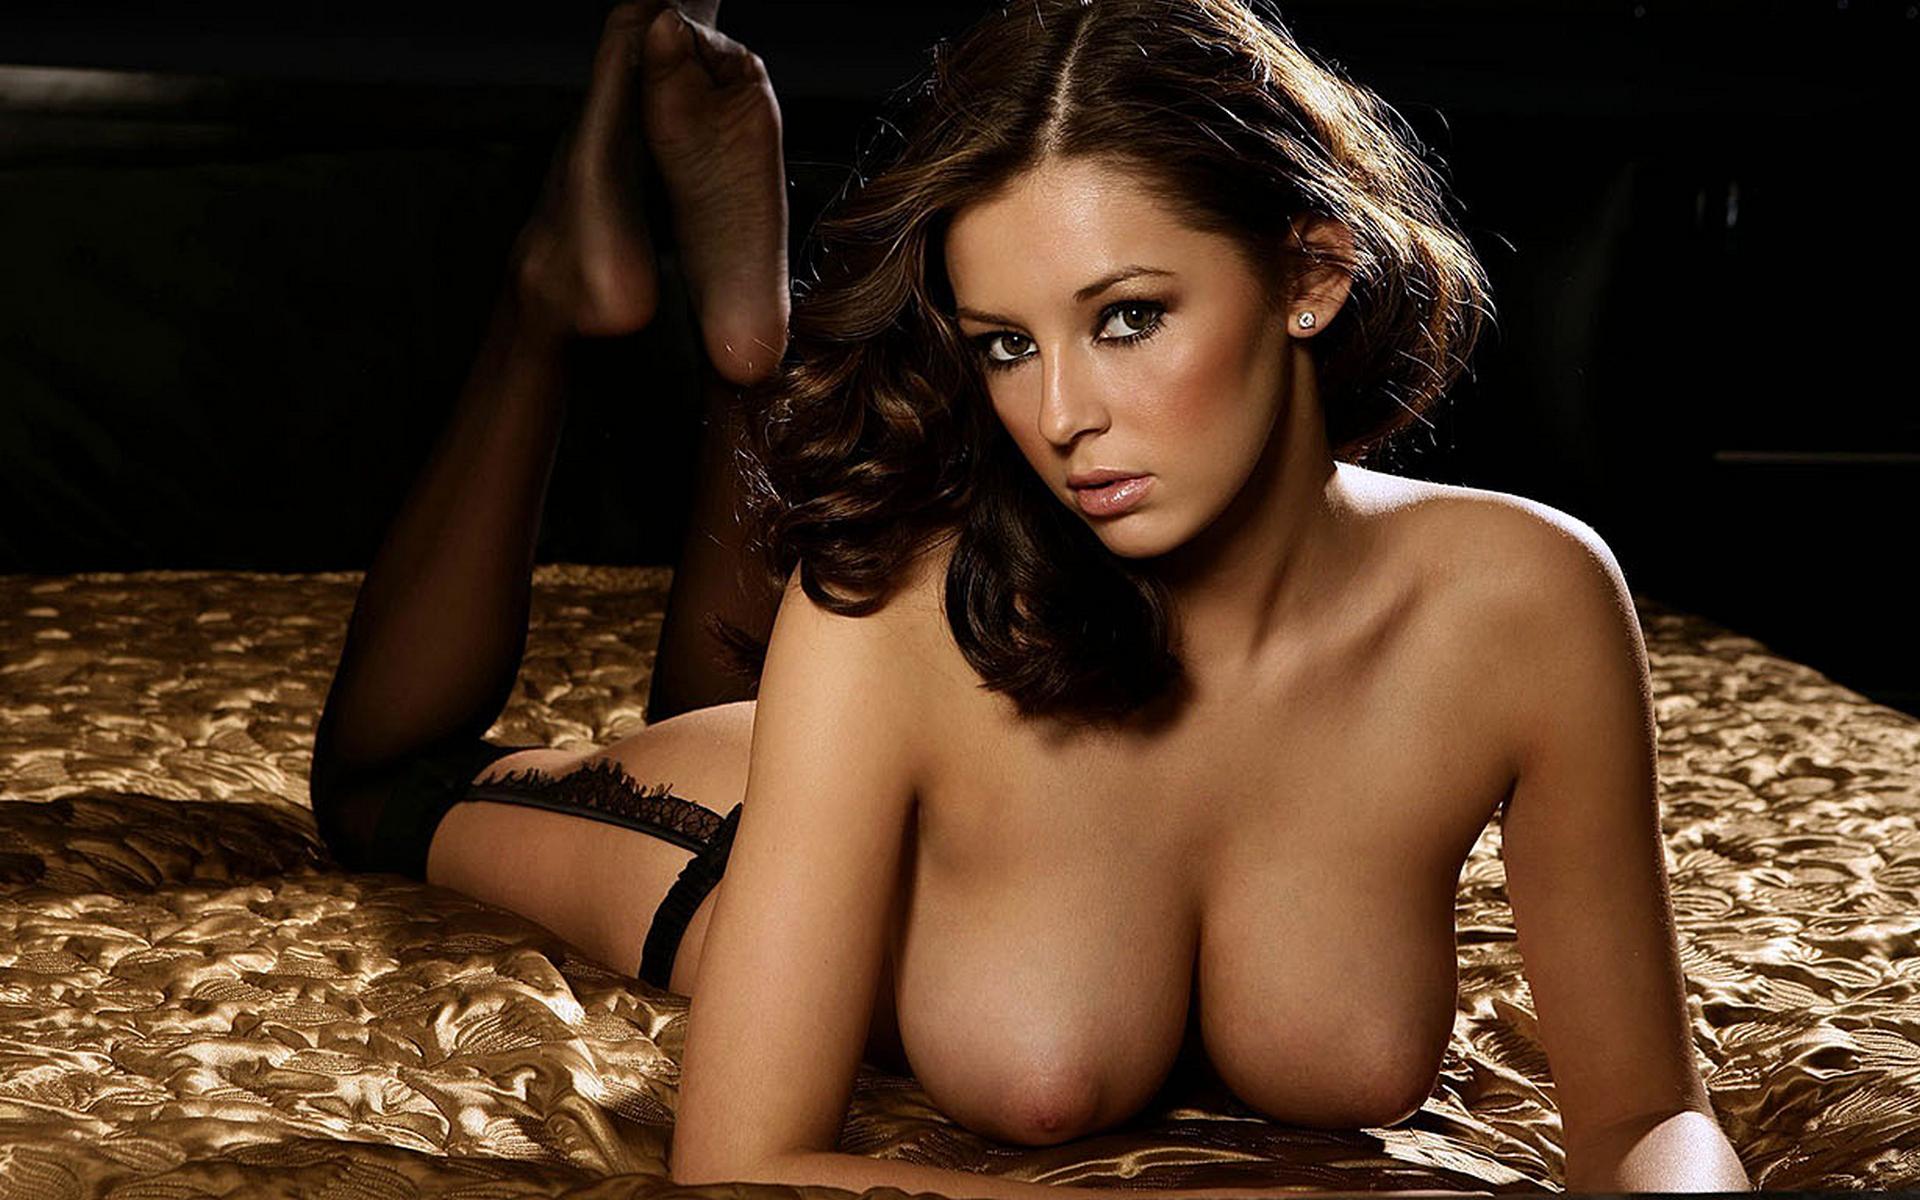 Эротика секси девушки фото